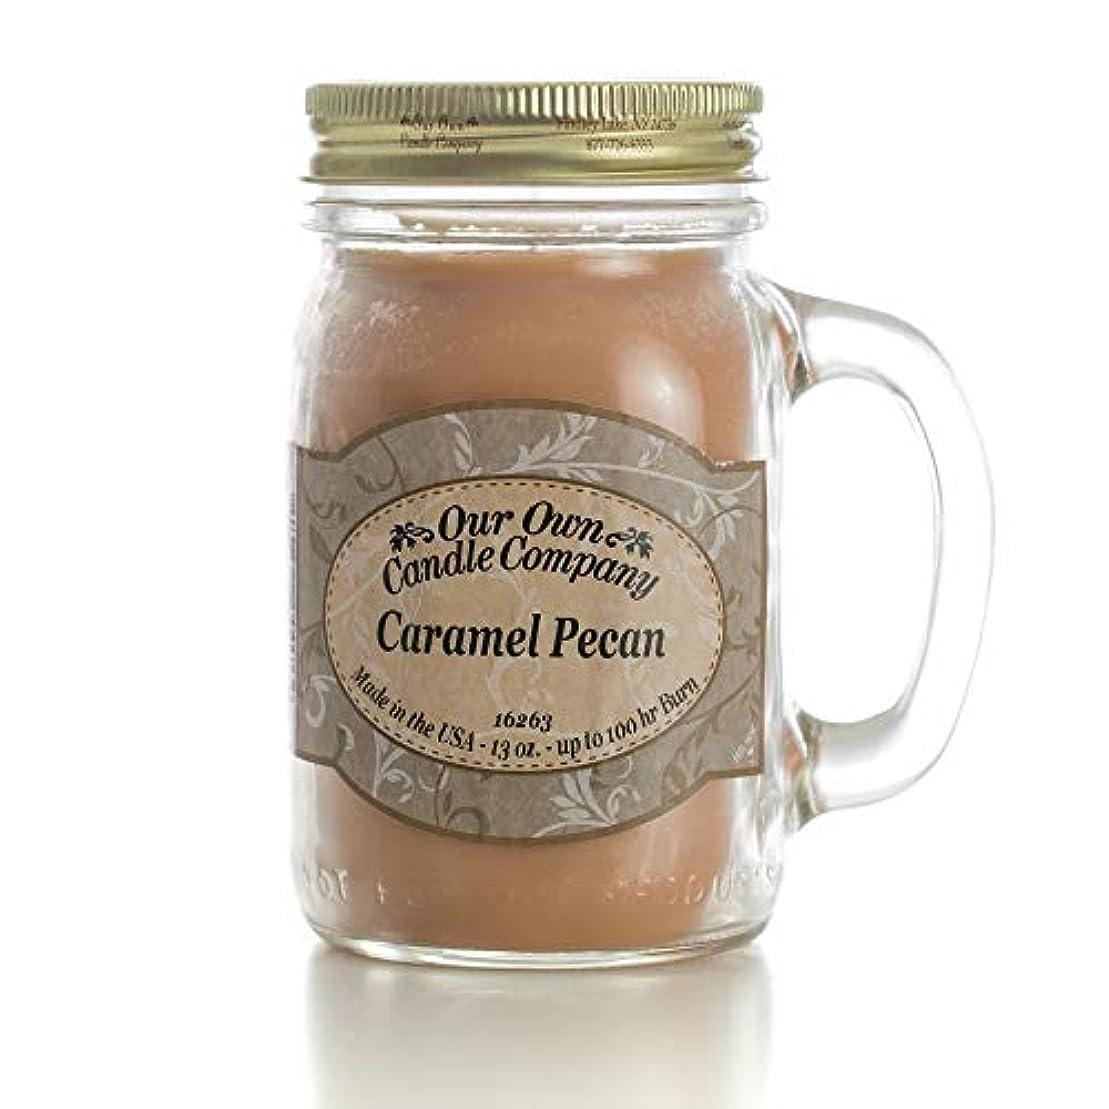 開業医モチーフ移行するアロマキャンドル メイソンジャー キャラメルピーカン ビッグ Our Own Candle Company Caramel Pecan big